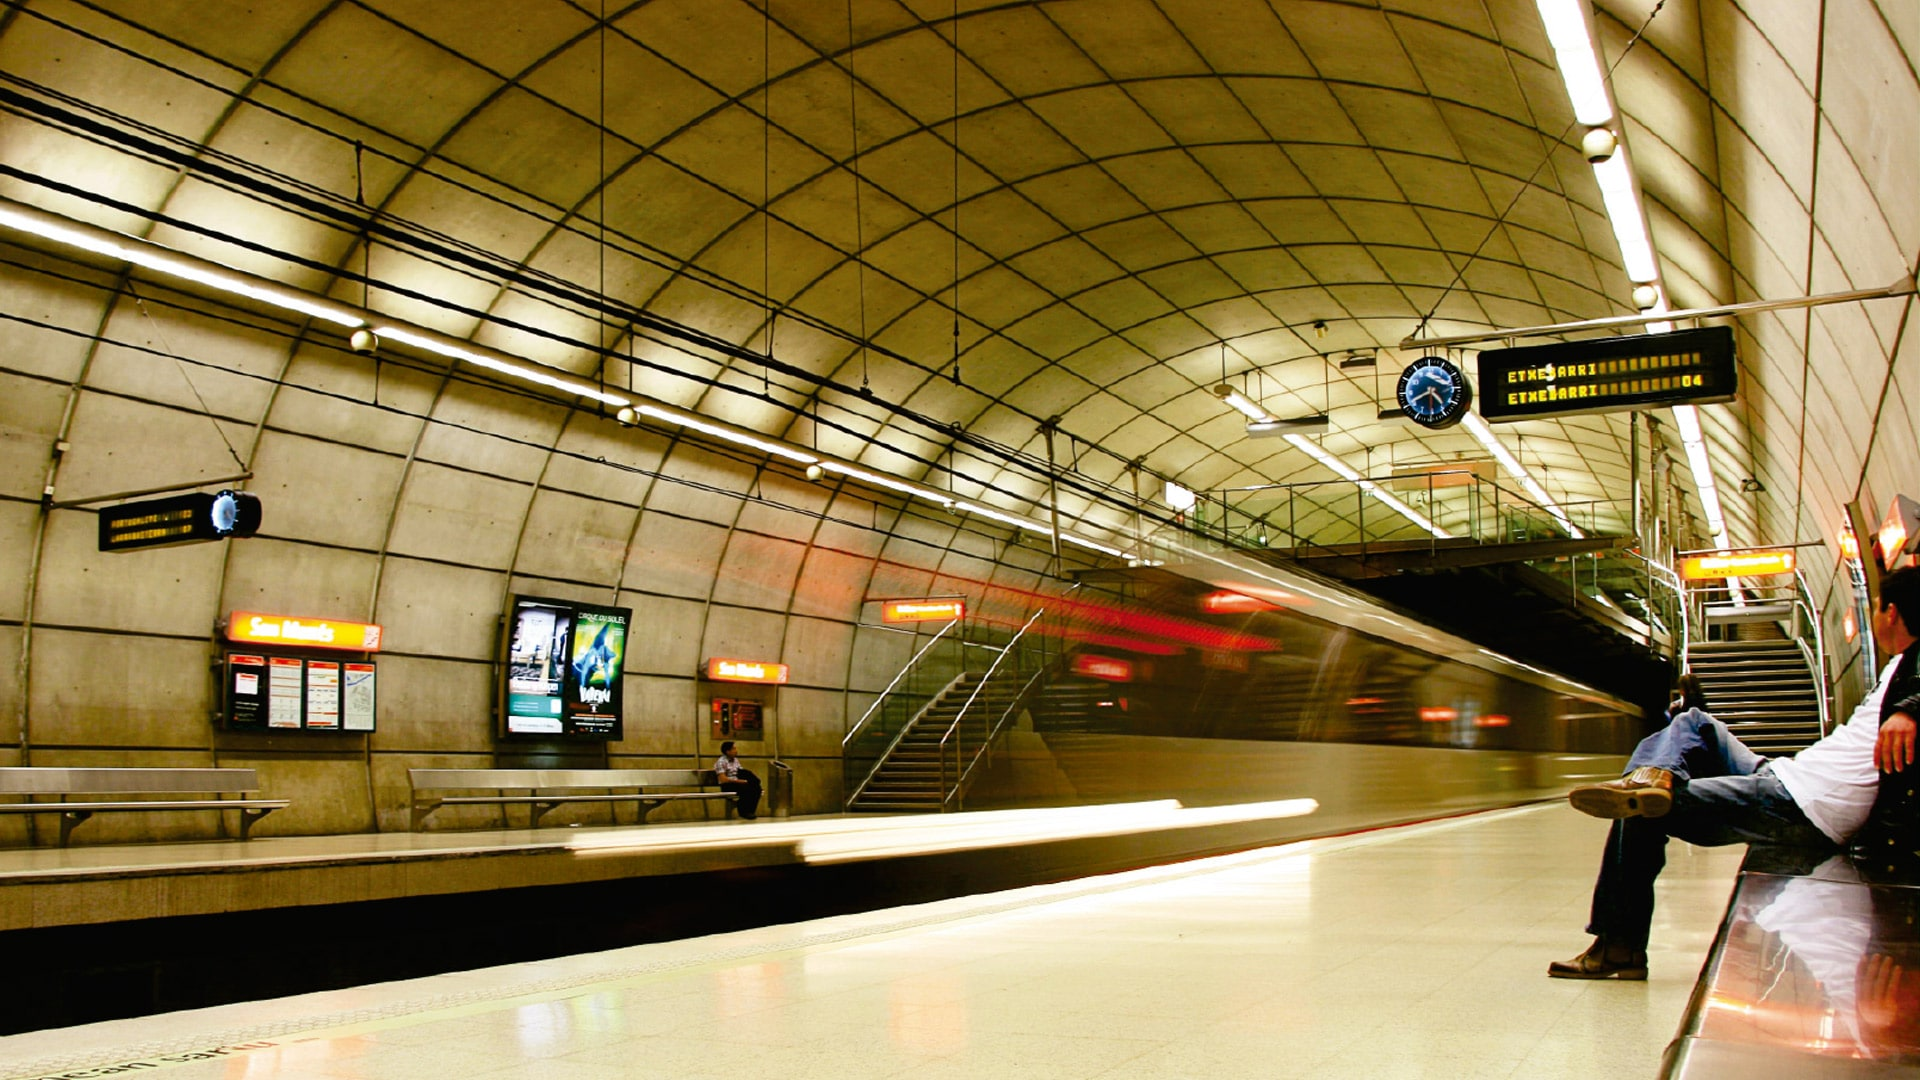 Bahnhöfe und U-Bahn-Stationen